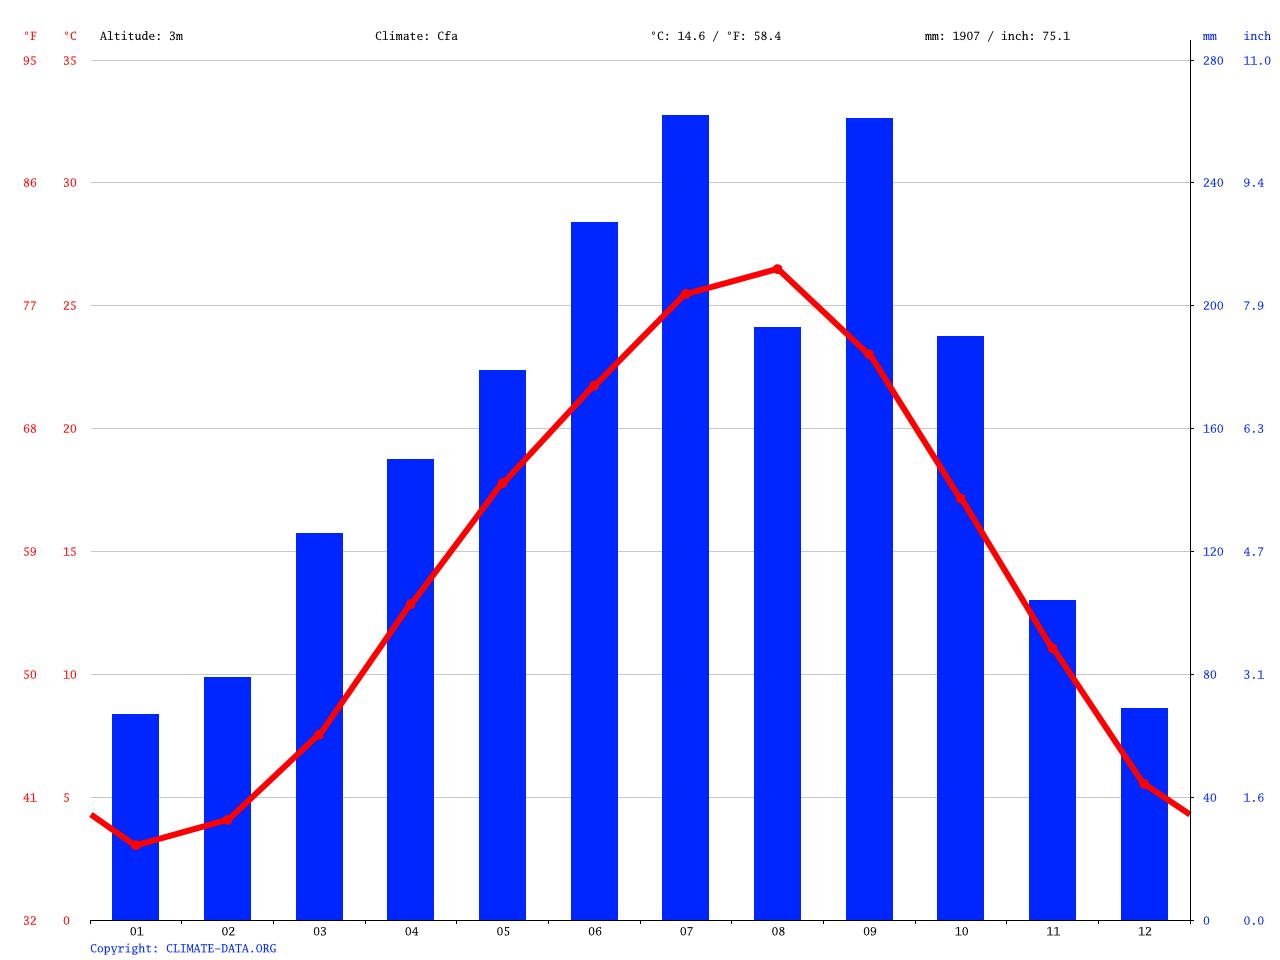 気候:稲沢市-気候グラフ、気温グラフ、雨温図 - Climate-Data.org